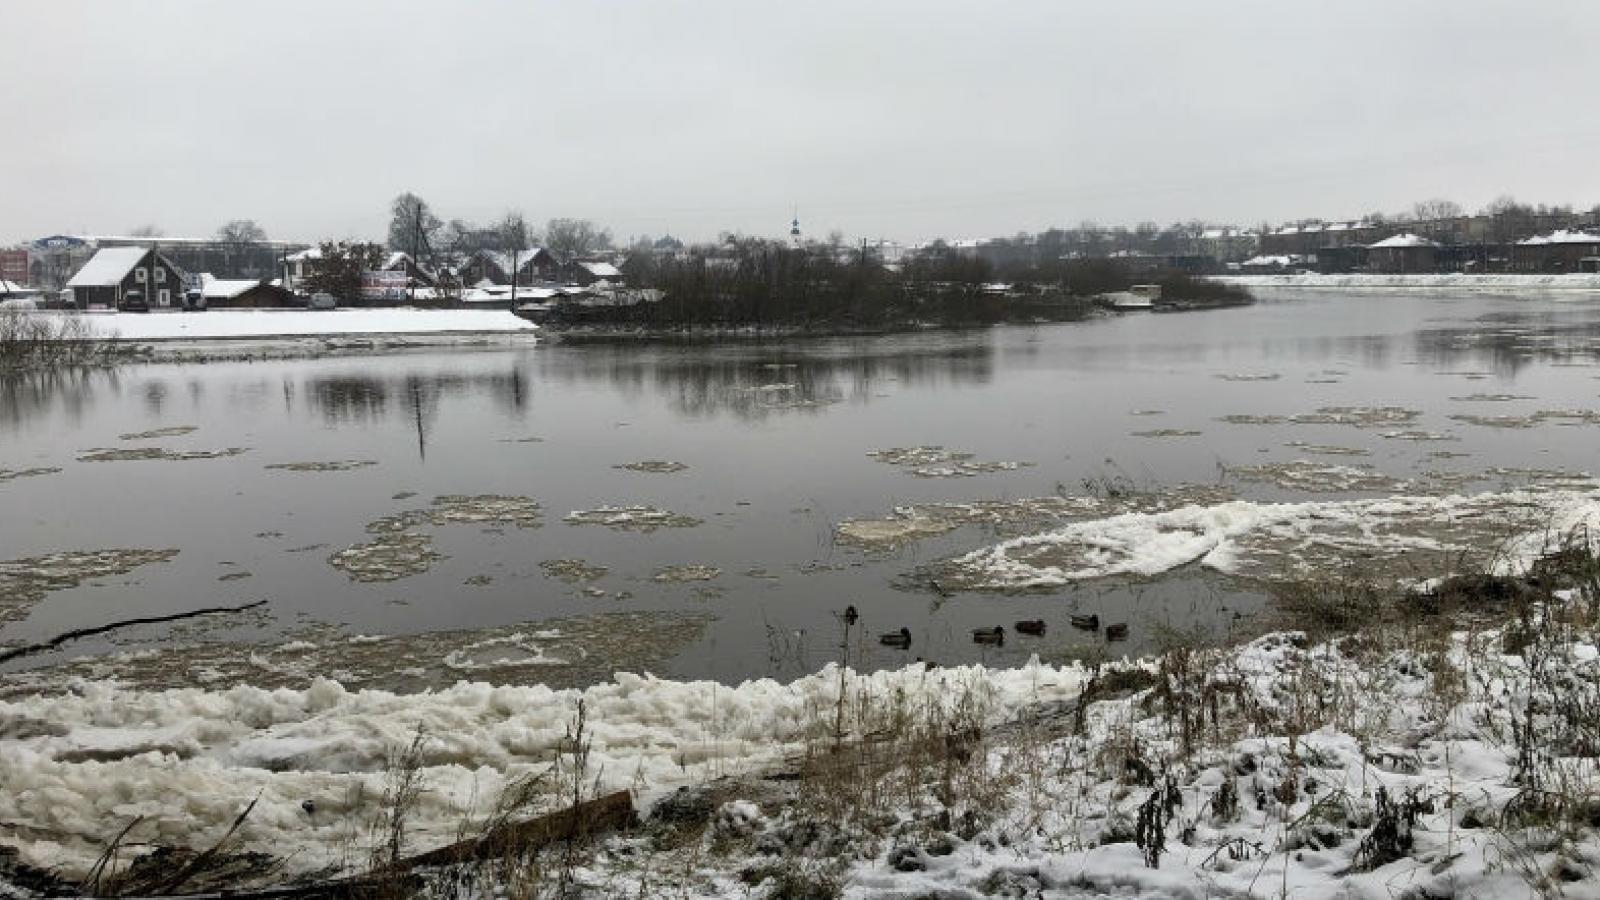 Прогнозы синоптиков начинают сбываться: уровень воды в реках повышается